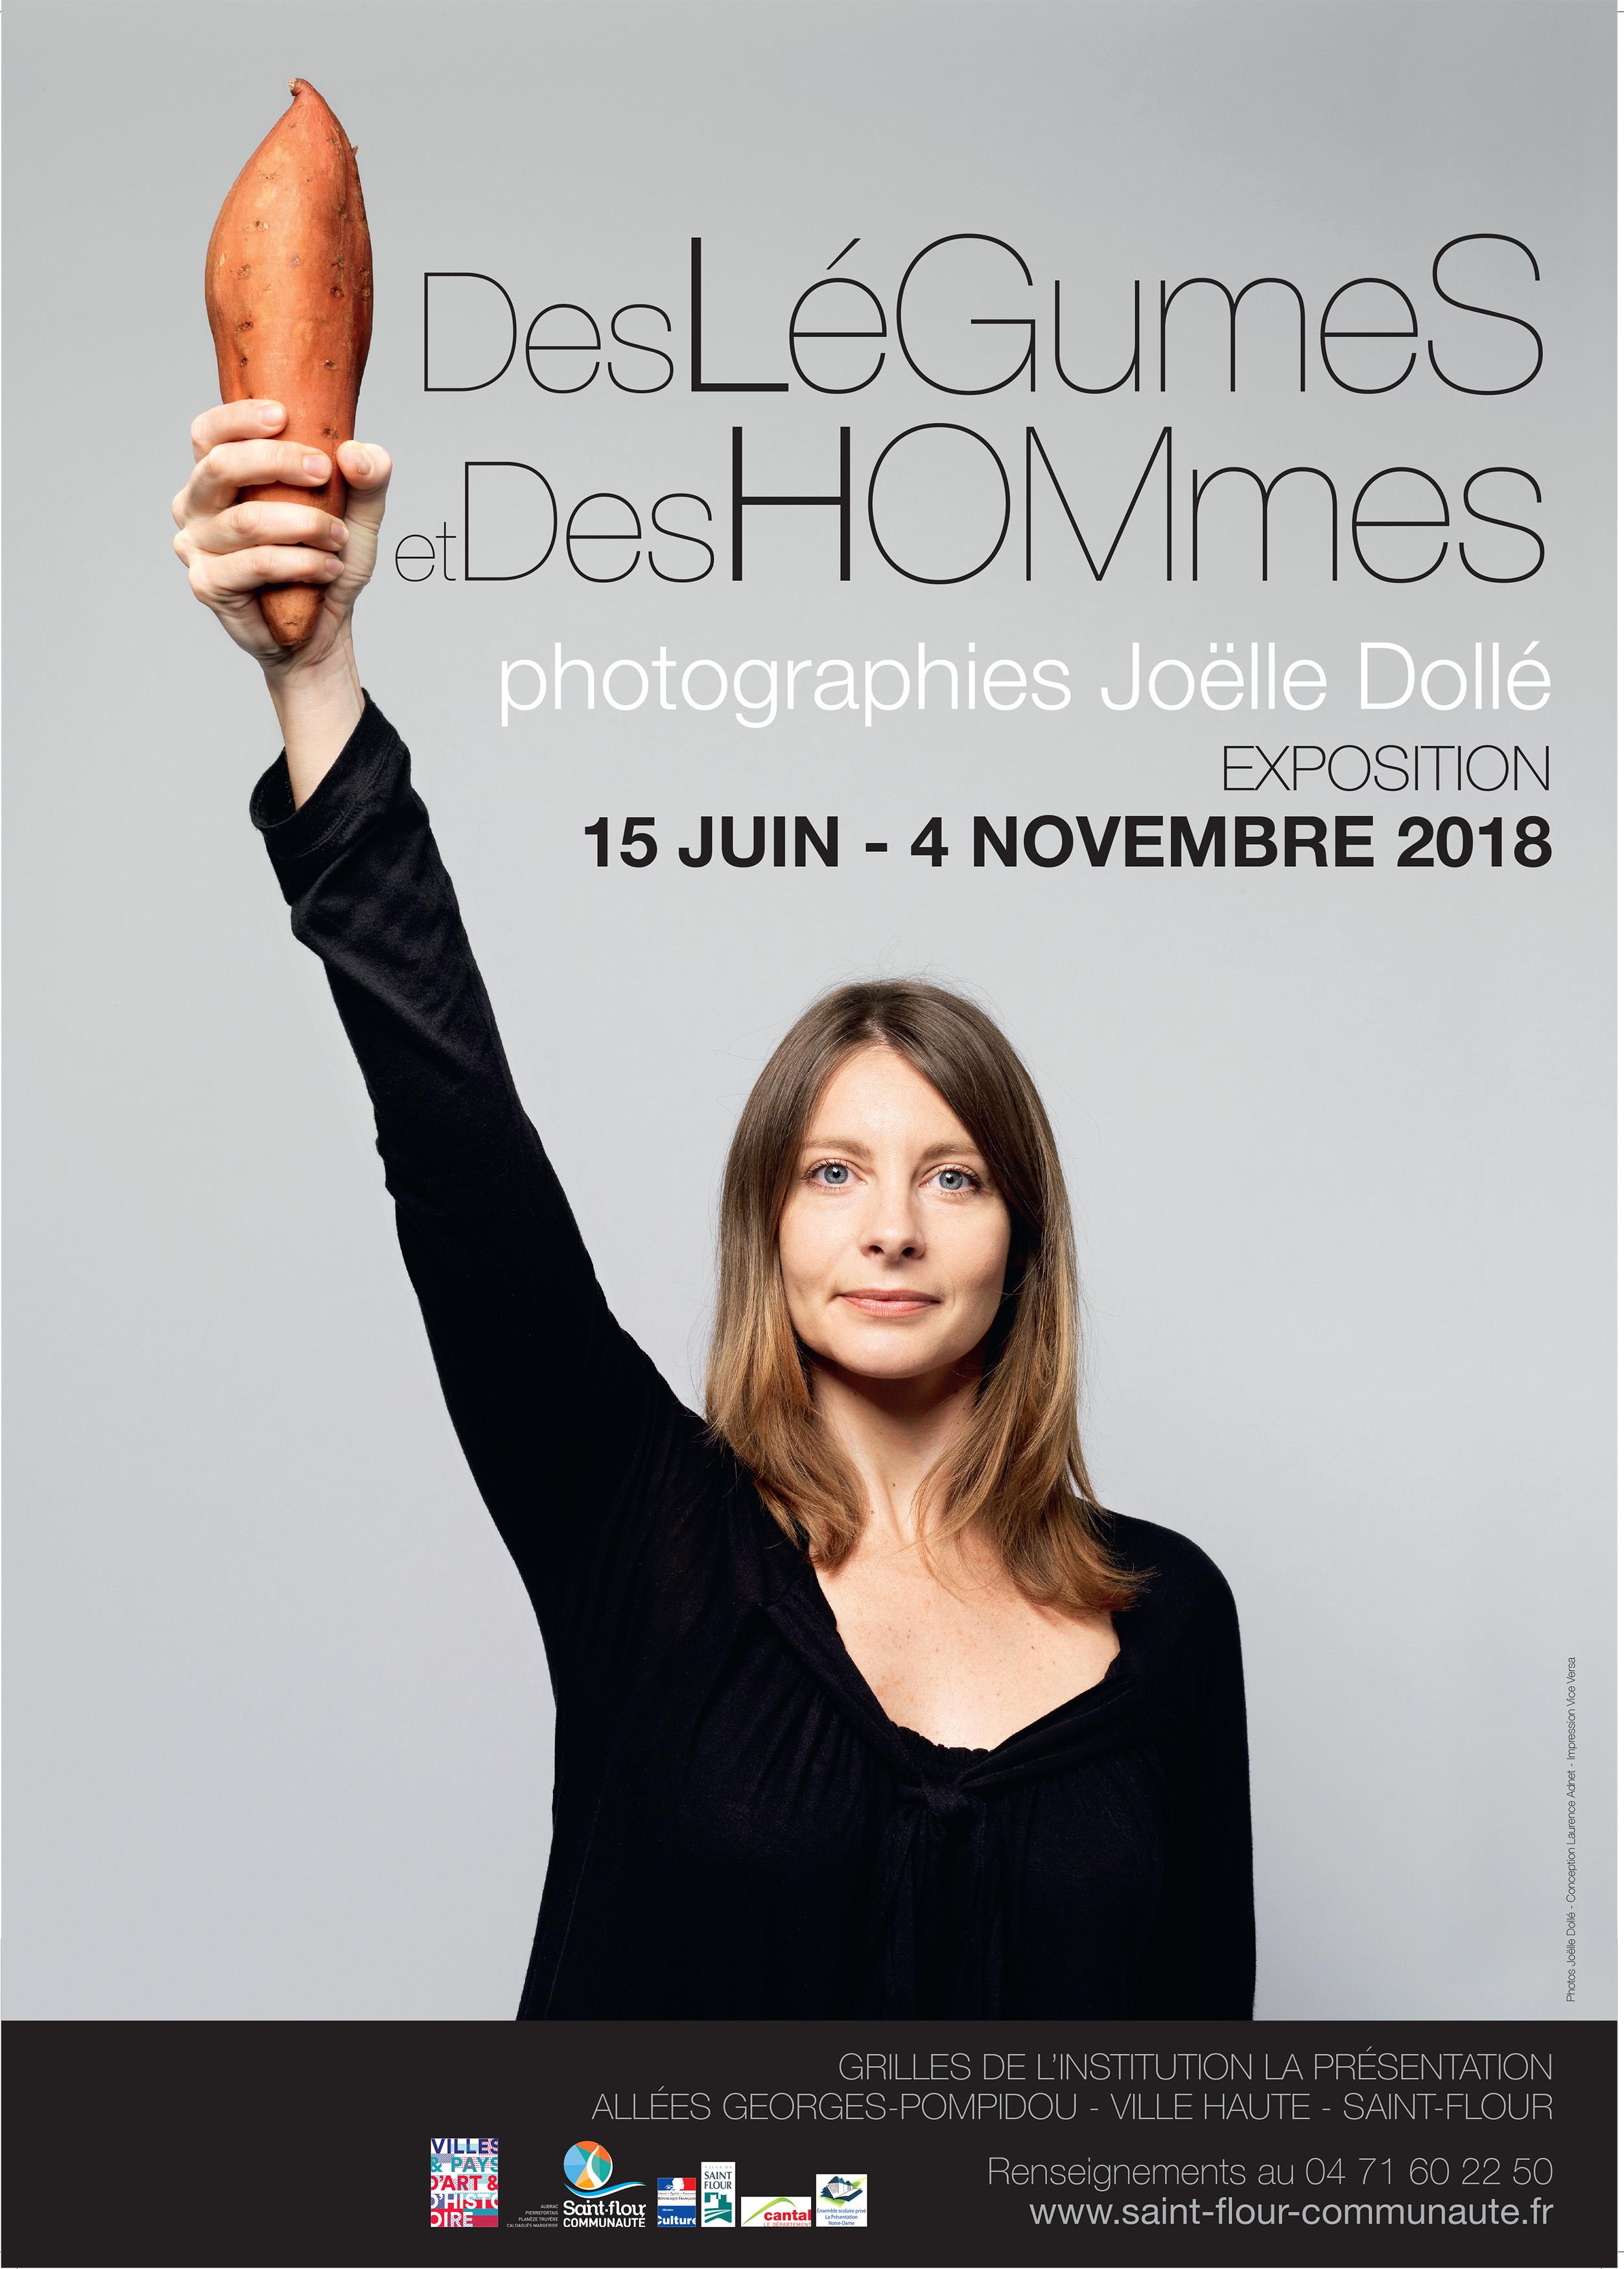 Affiche A3 Saint-Flour 2018.indd Expo grilles des légumes et des hommes